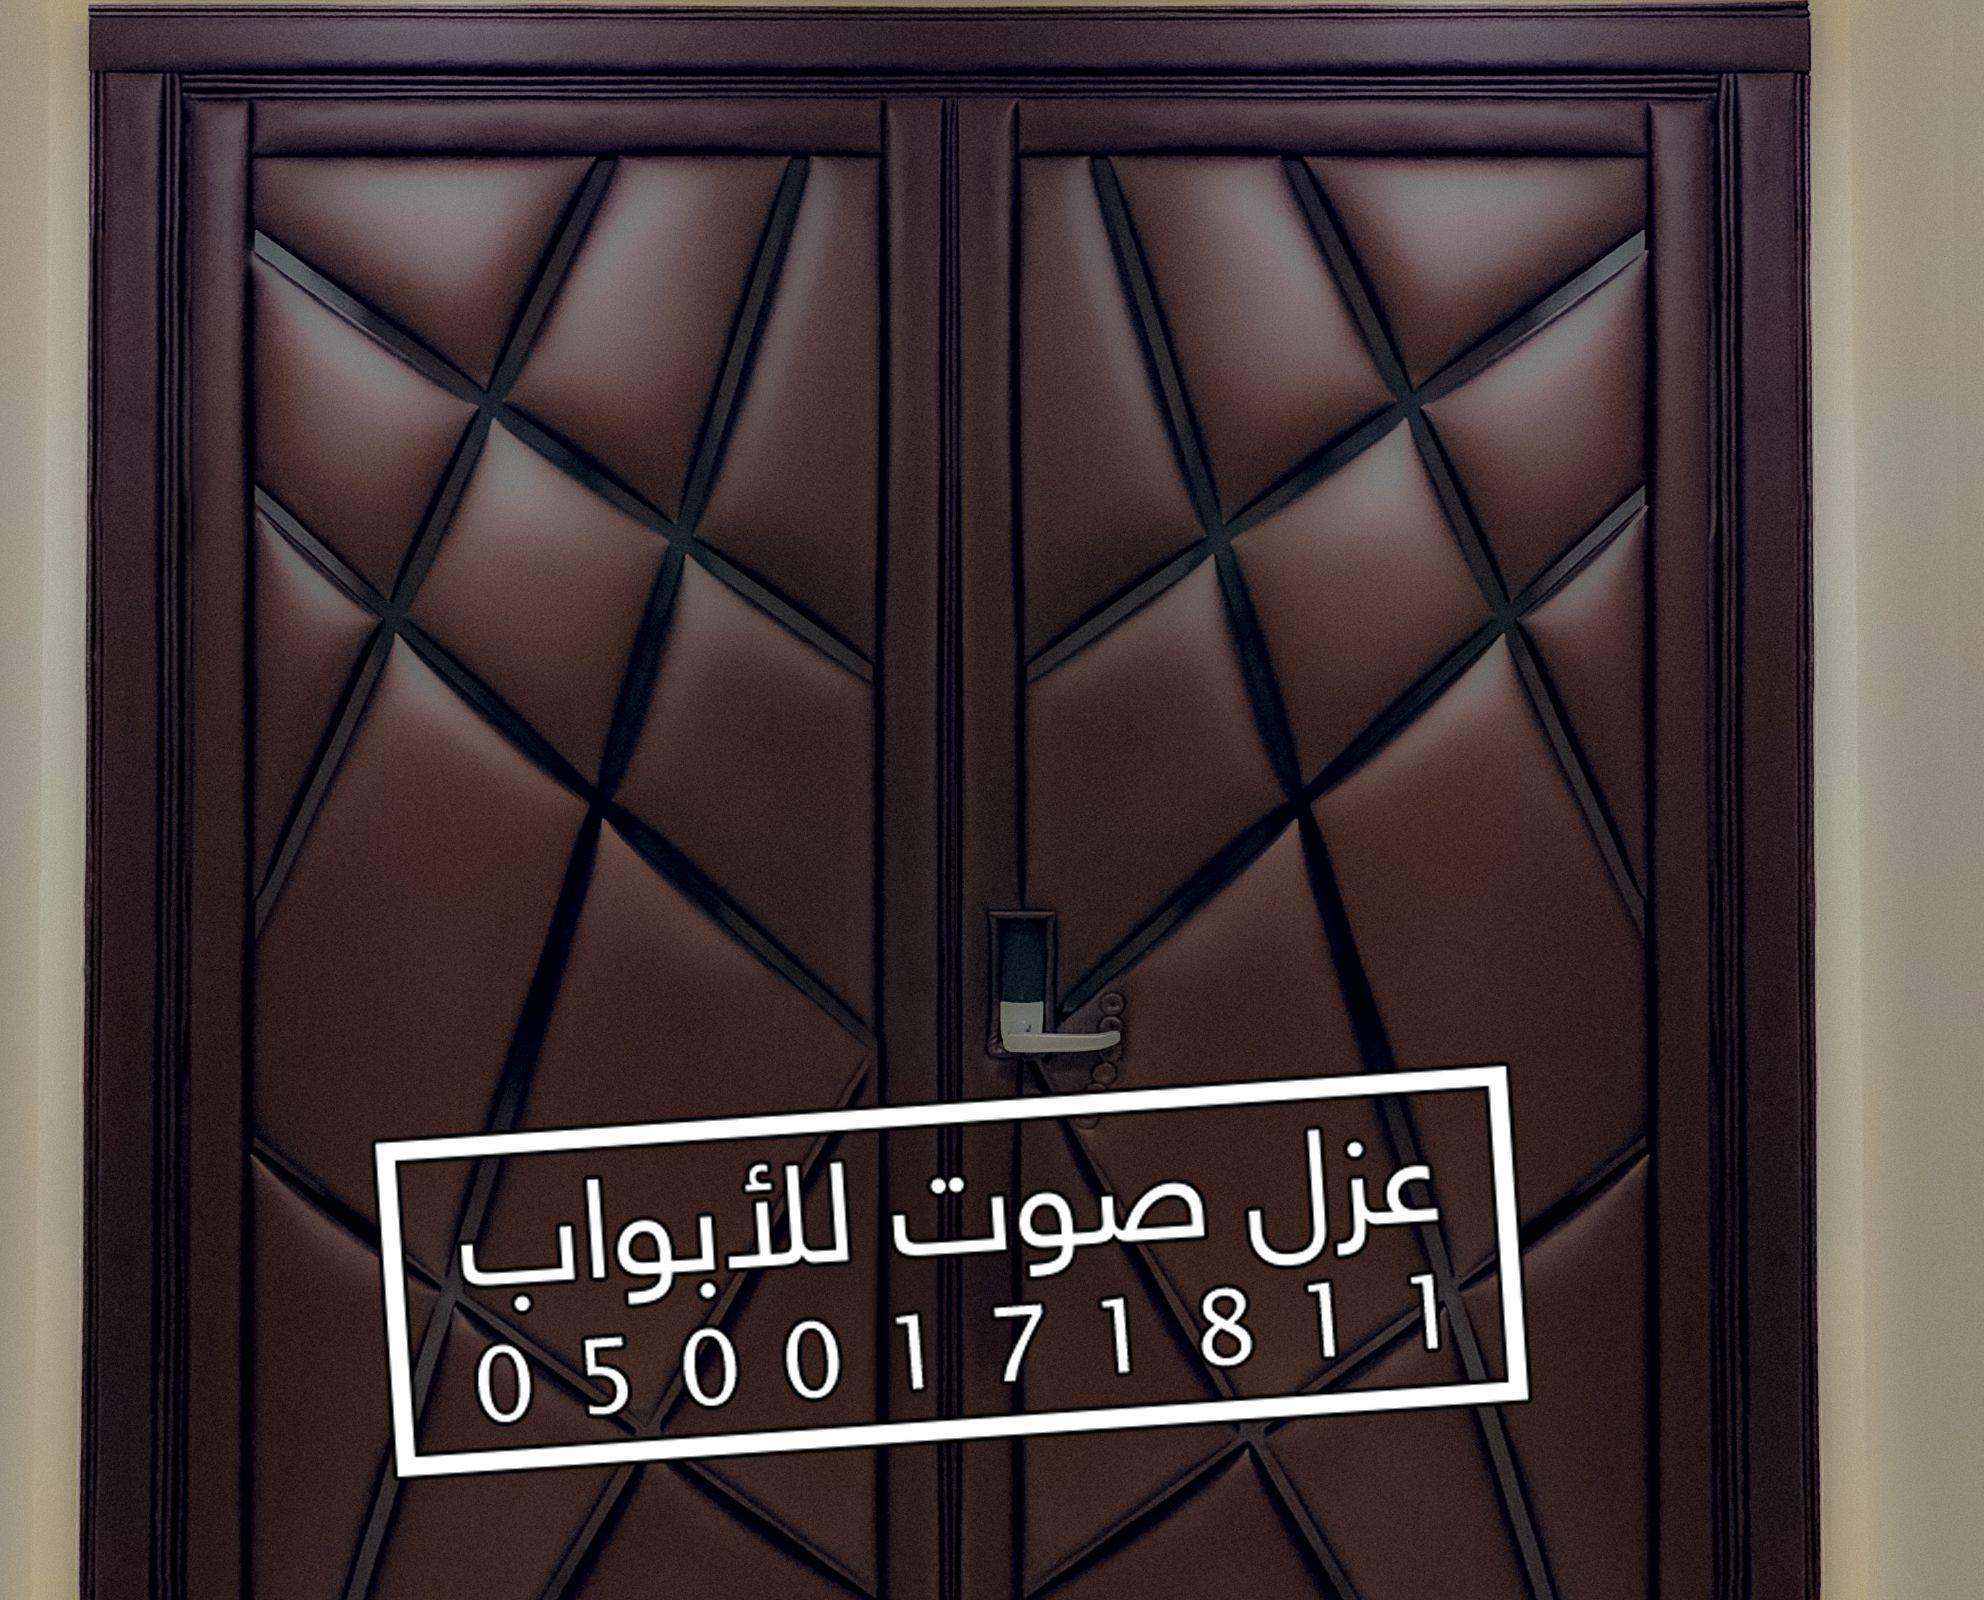 أقوى عازل صوت للباب الرياض Home Decor Decals Decor Home Decor